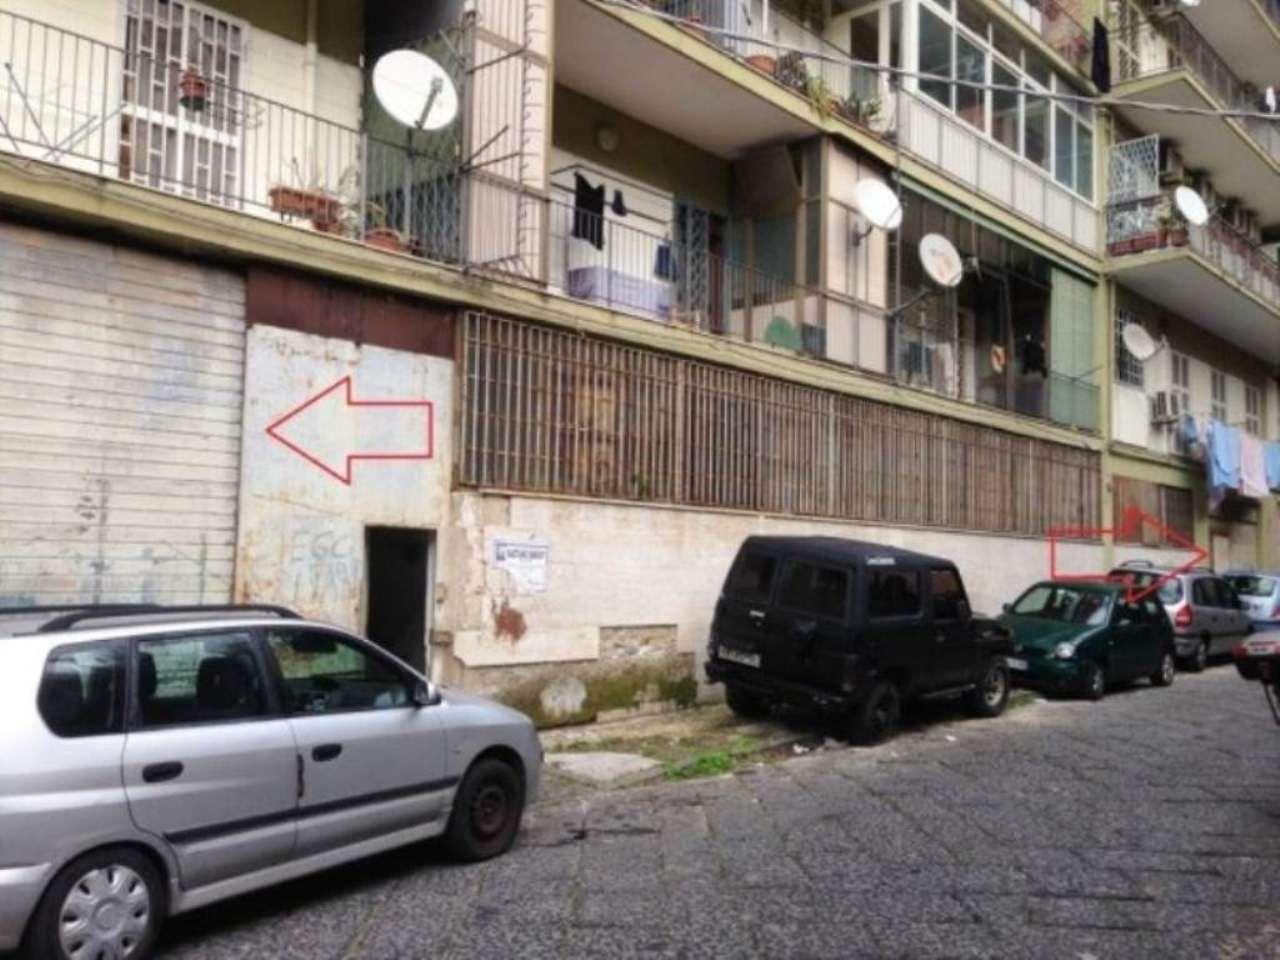 Magazzino in vendita a Napoli, 6 locali, zona Zona: 1 . Chiaia, Posillipo, San Ferdinando, prezzo € 480.000 | Cambio Casa.it